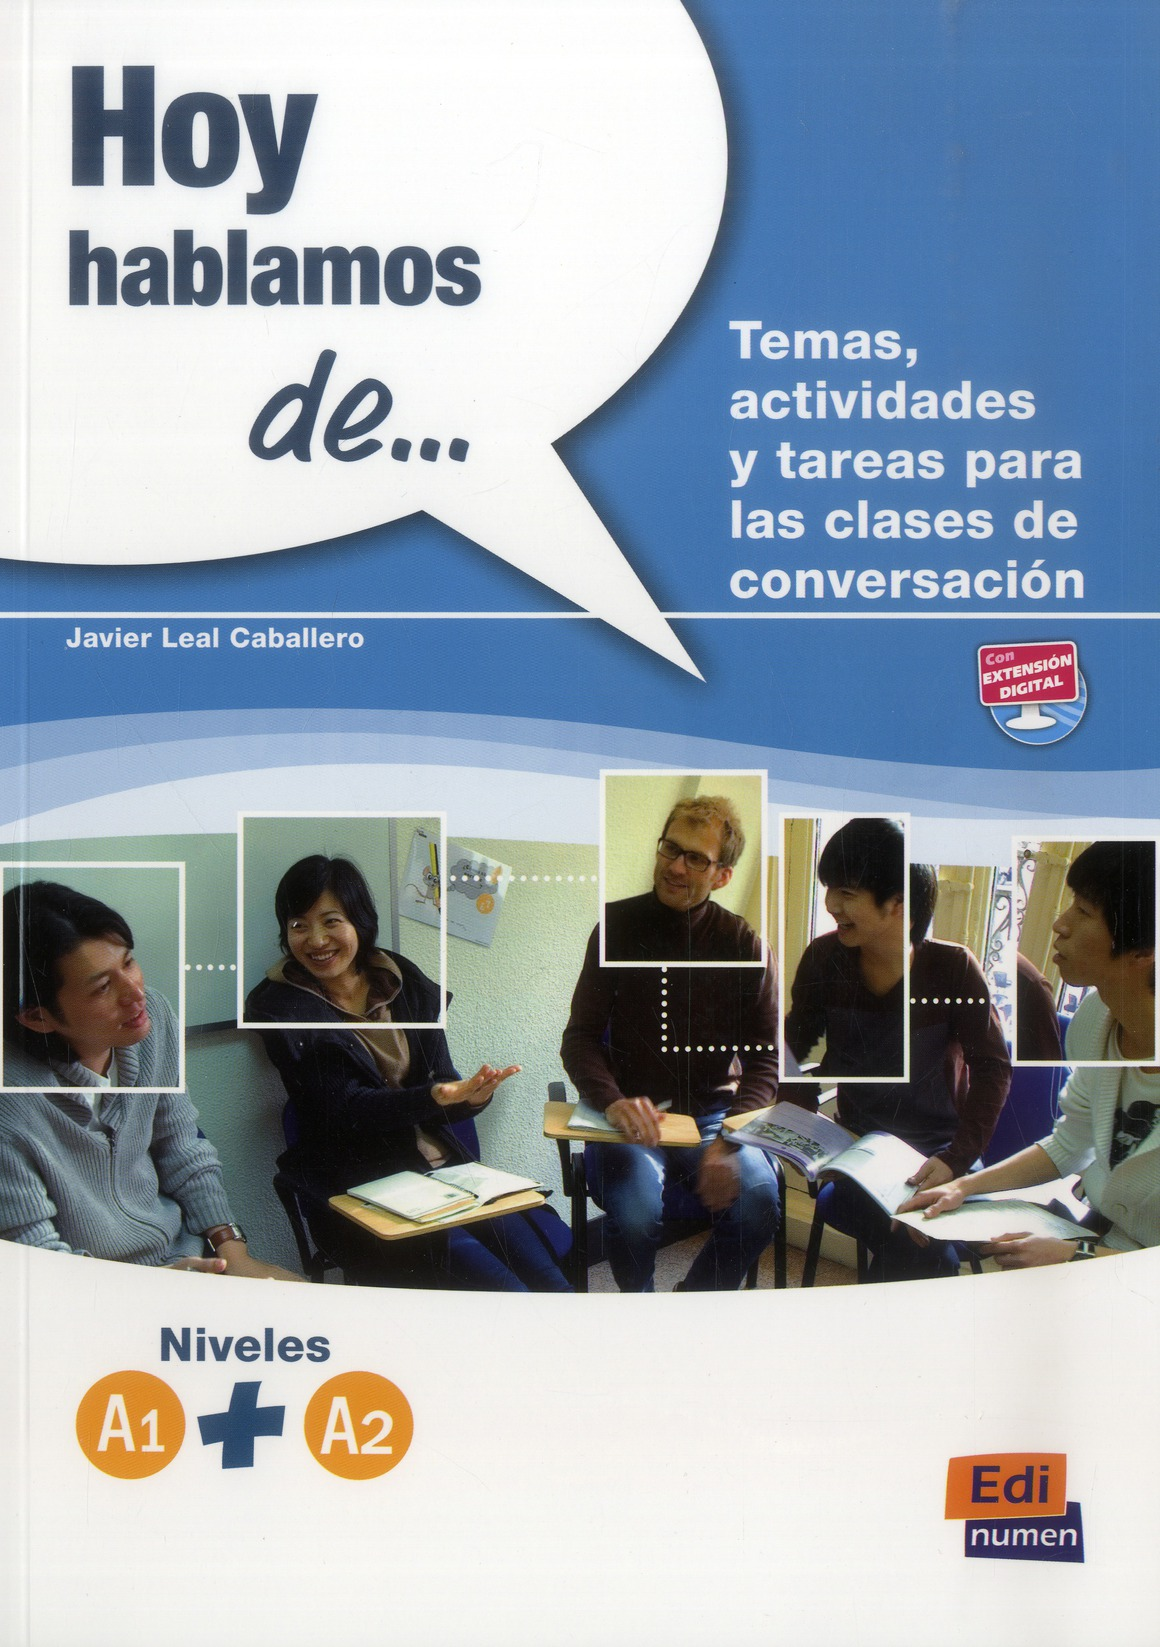 HOY HABLAMOS DE  A1  A2